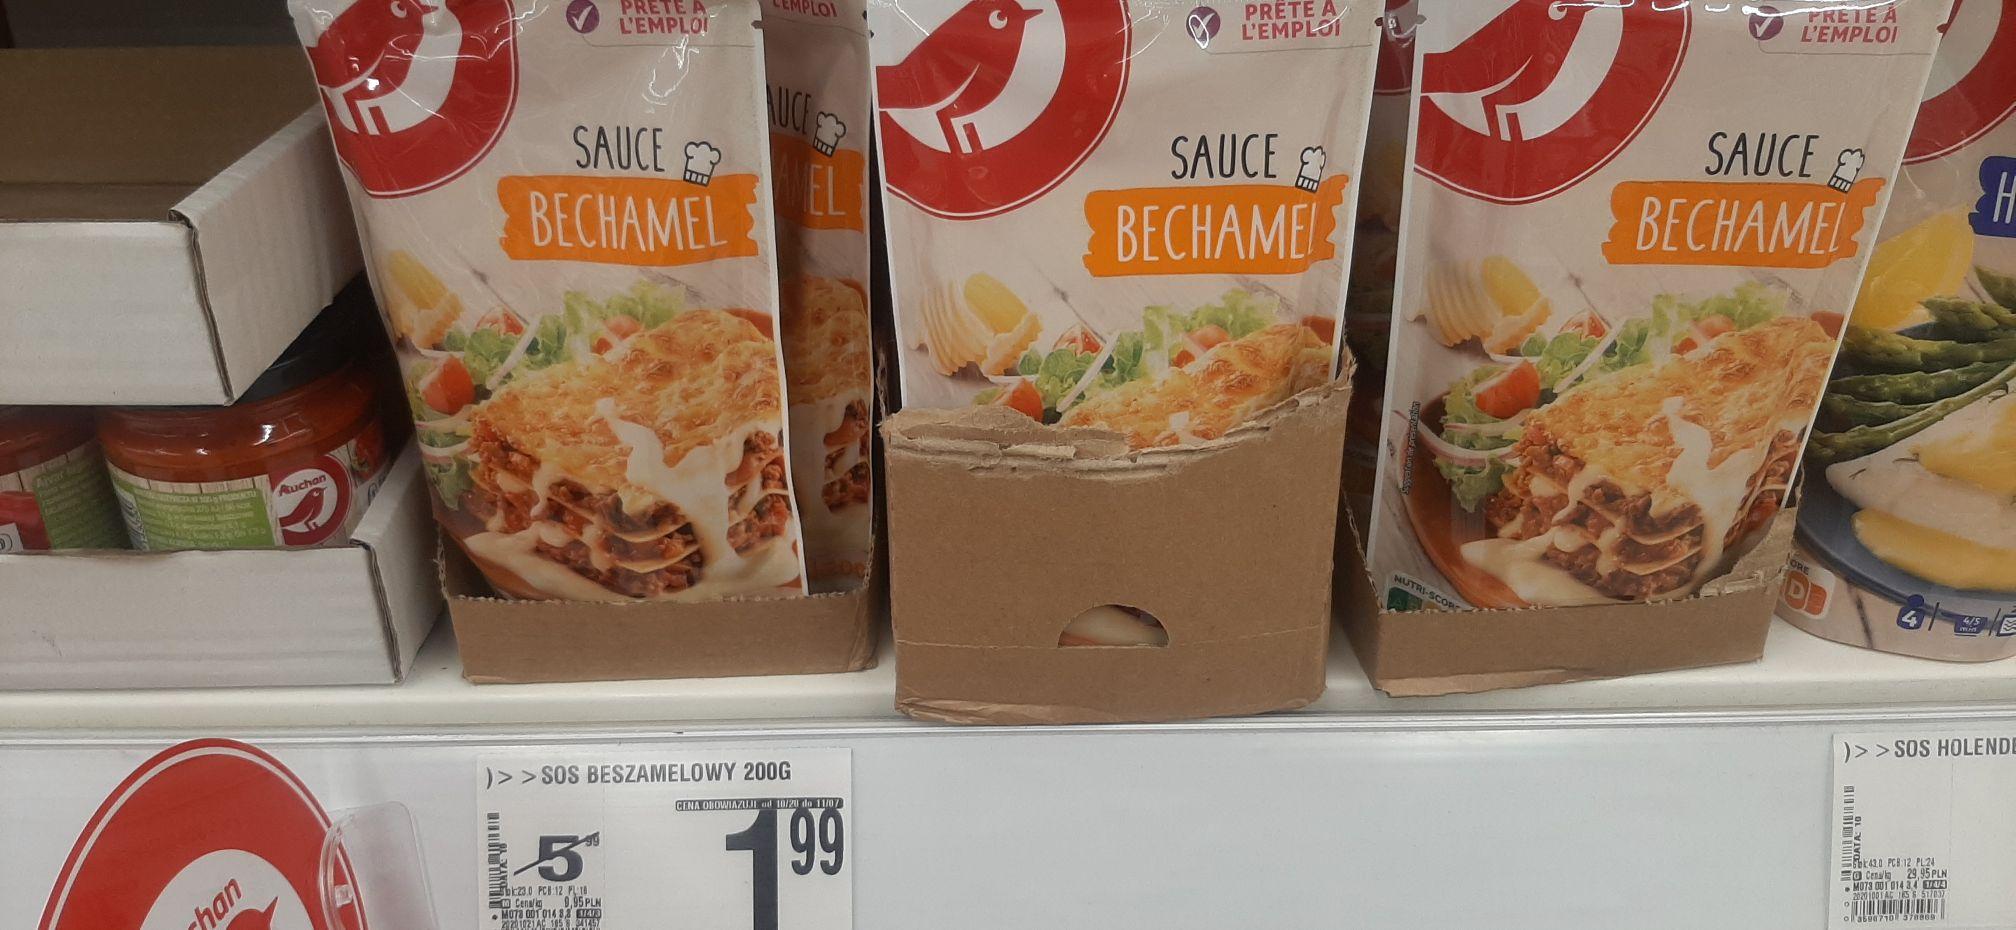 Sos Beszamelowy 200g / Auchan Ursynów